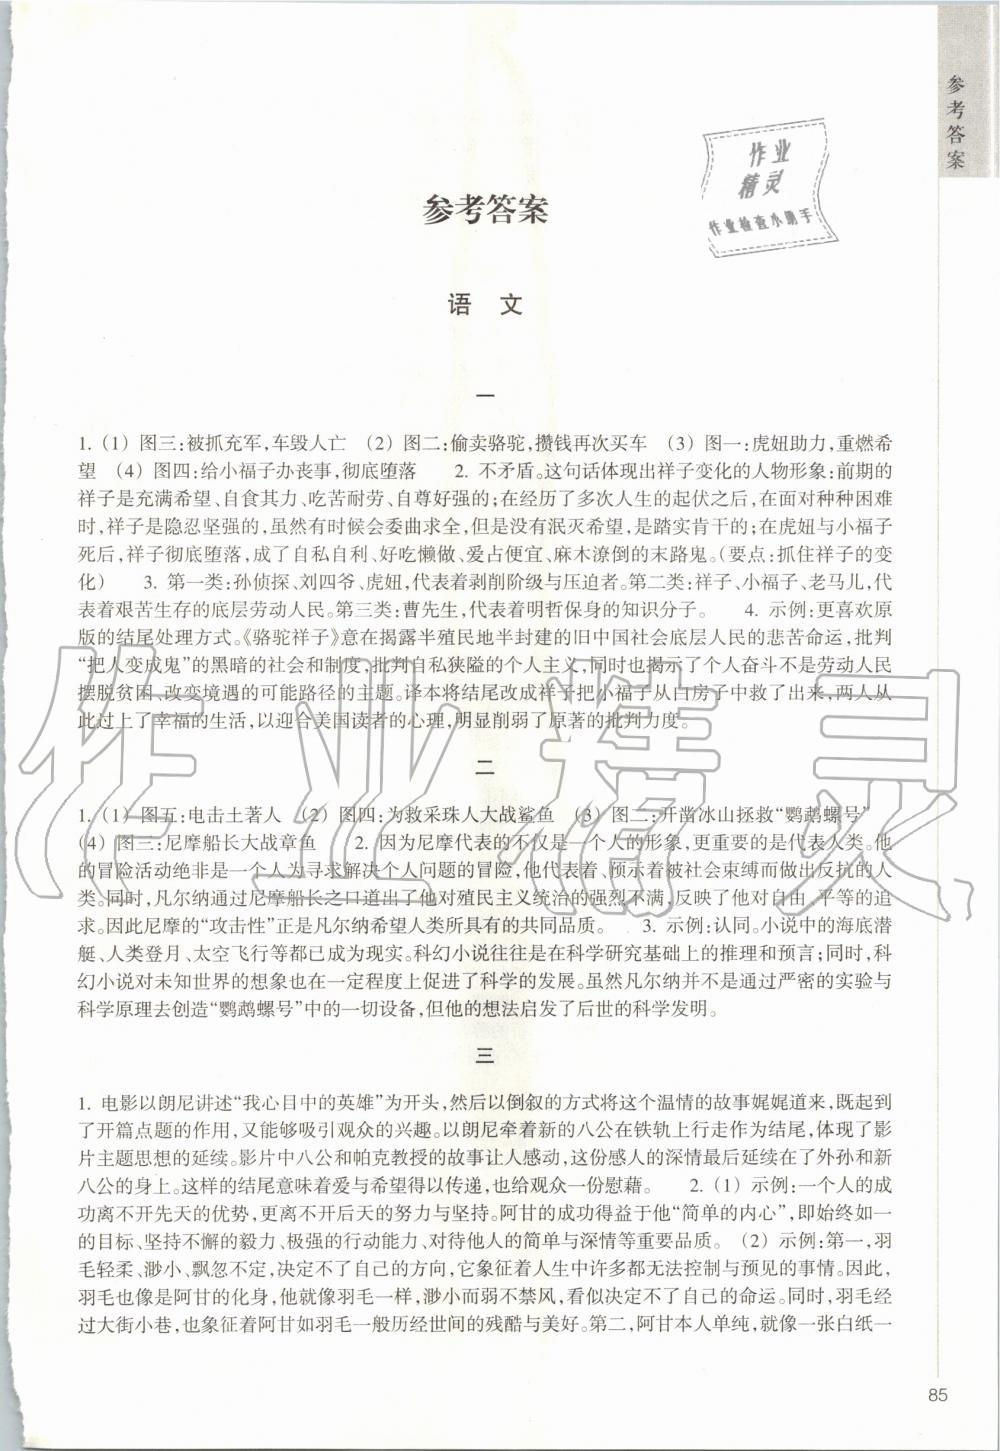 2020年寒假作业七年级A版浙江教育出版社第1页